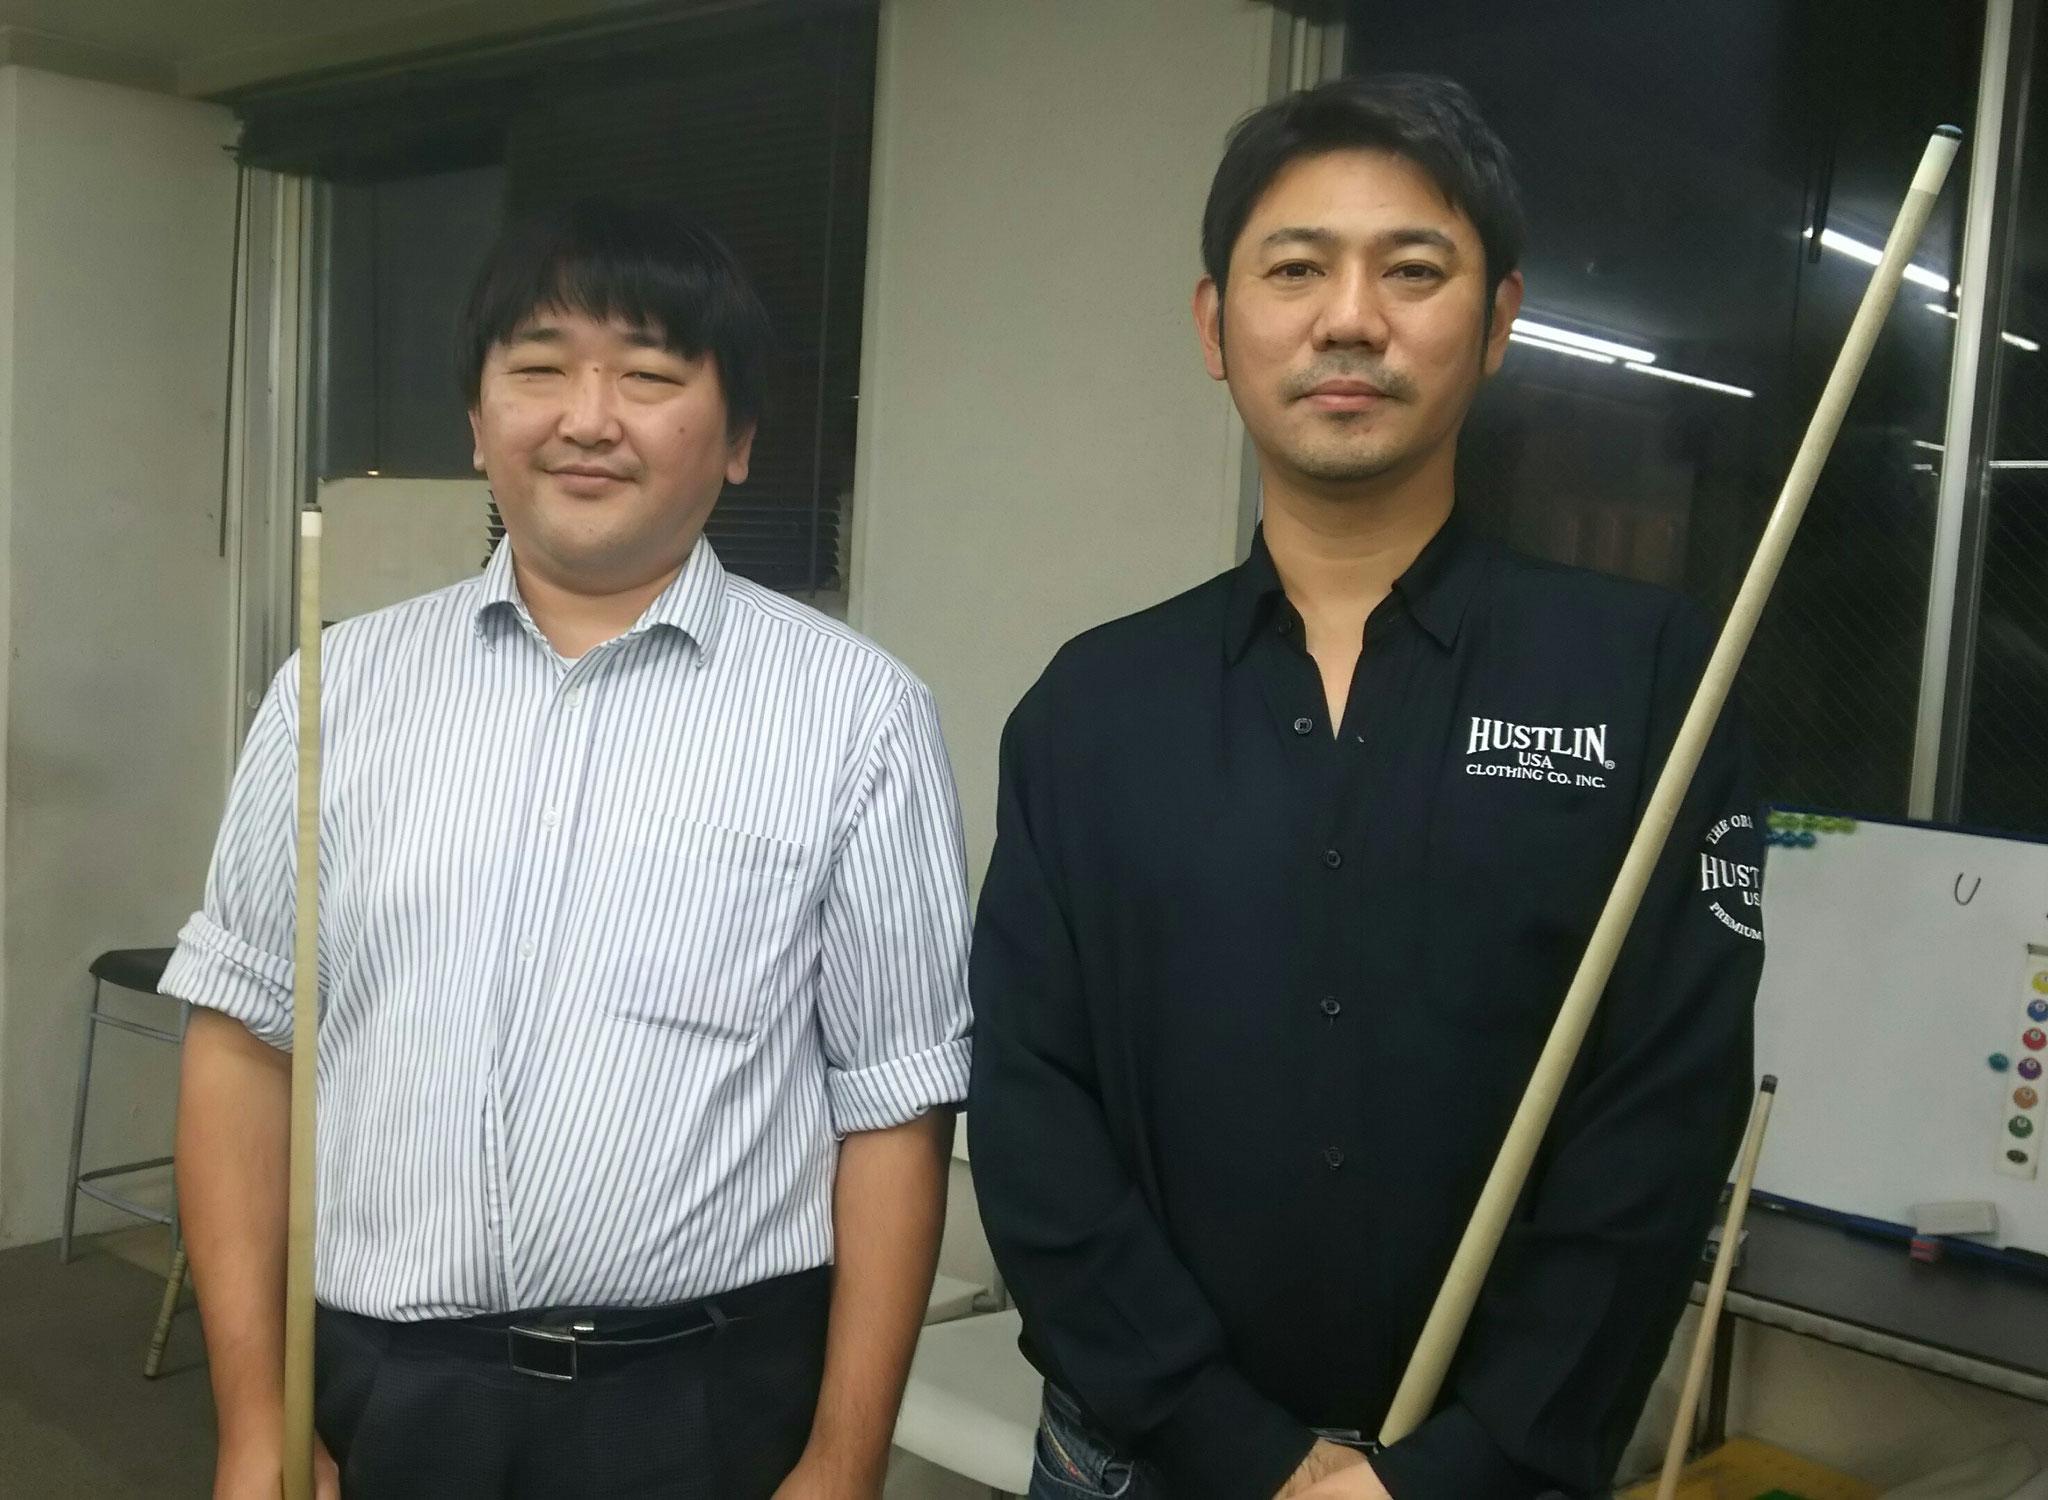 伊藤さん、毎回来てくれてありがとう!